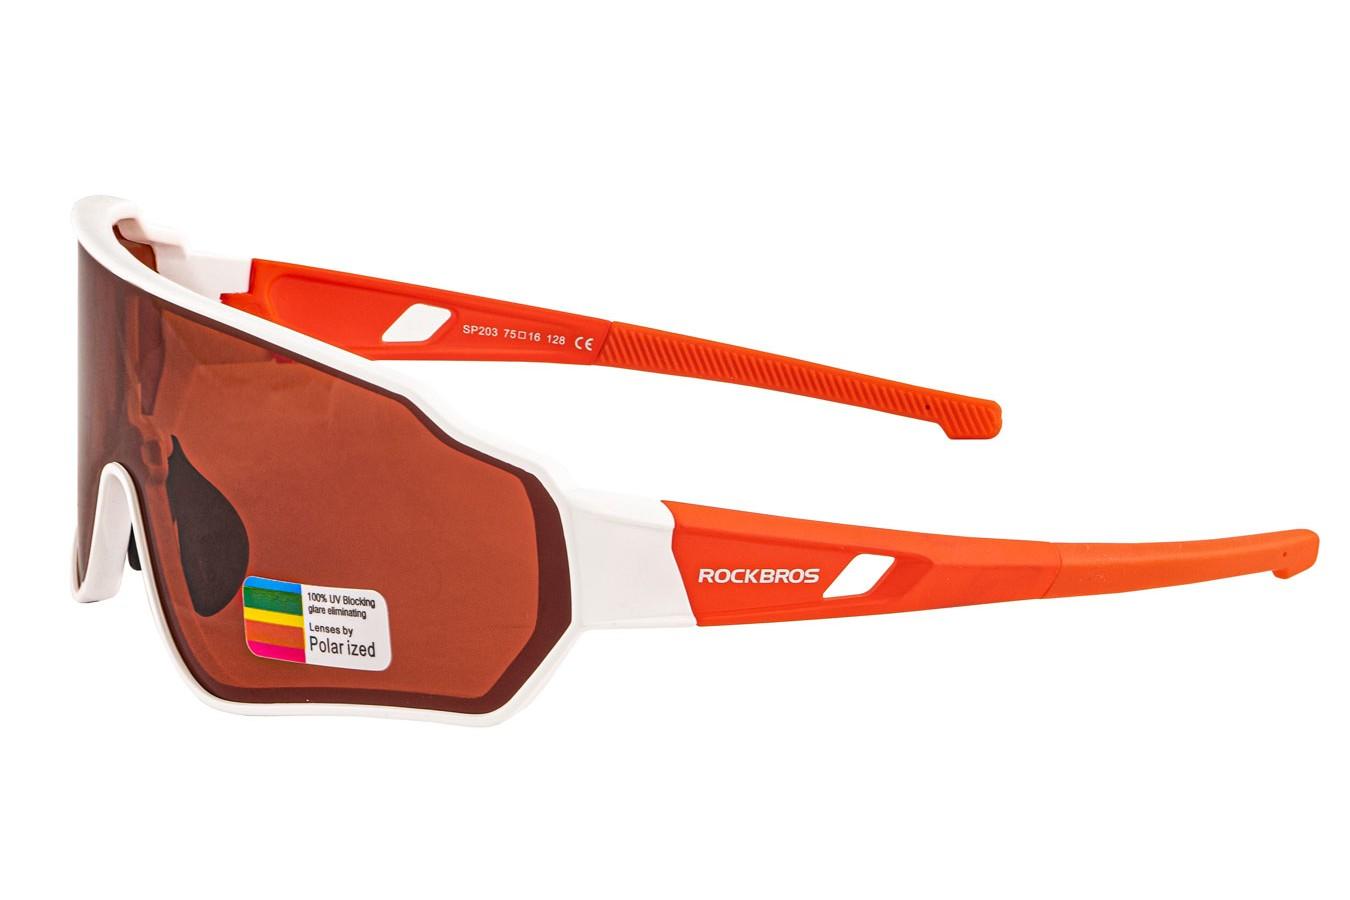 Óculos para ciclistas com lente polarizada Branco/Vermelho - Rockbros